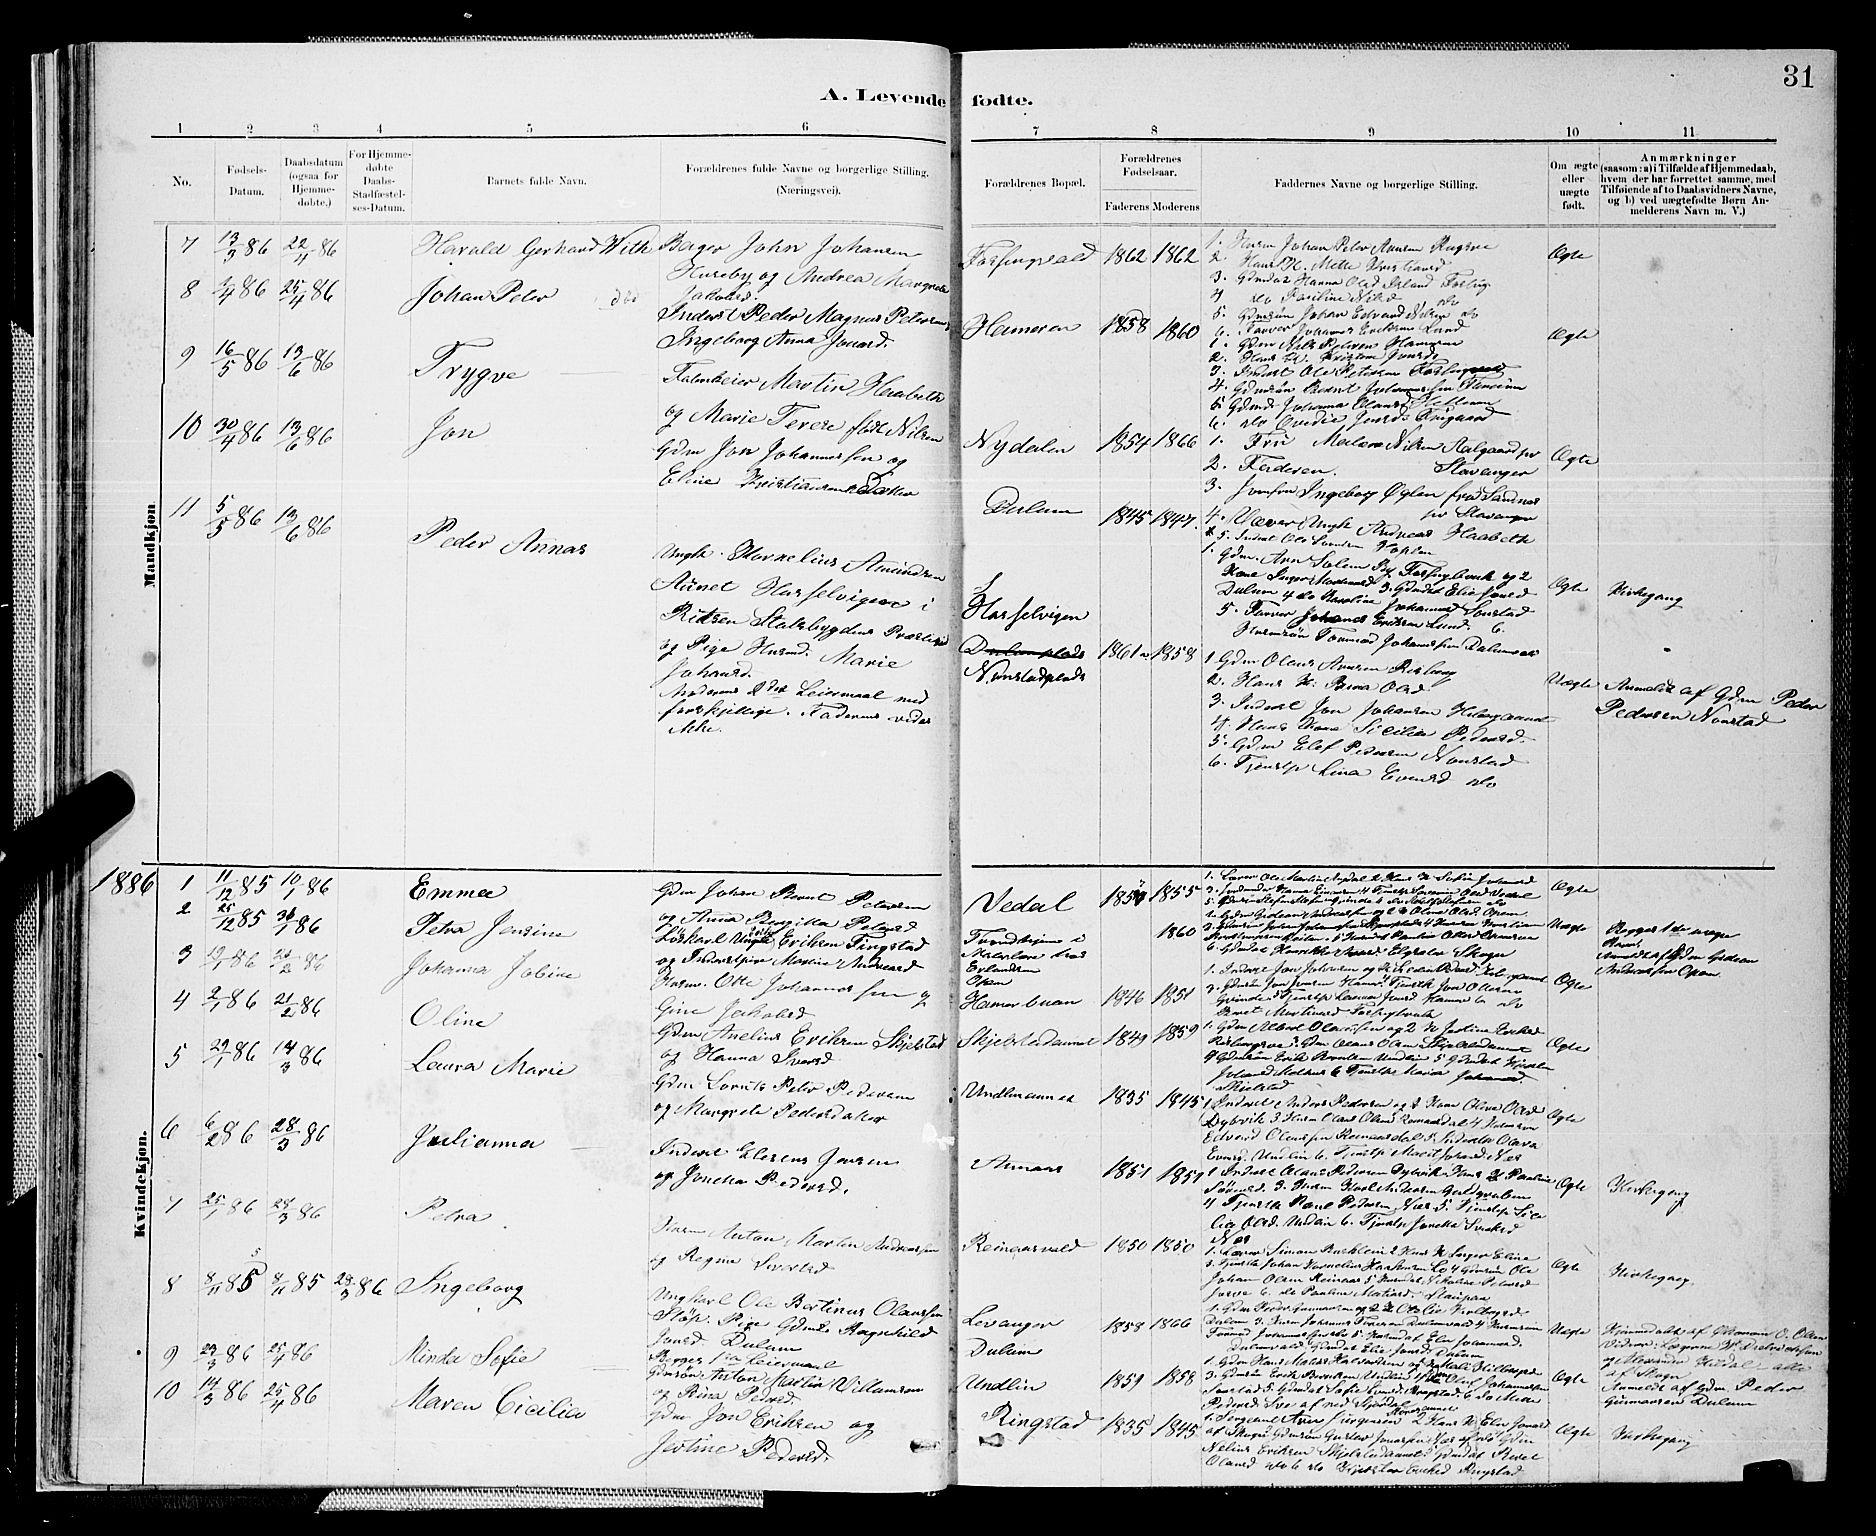 SAT, Ministerialprotokoller, klokkerbøker og fødselsregistre - Nord-Trøndelag, 714/L0134: Klokkerbok nr. 714C03, 1878-1898, s. 31